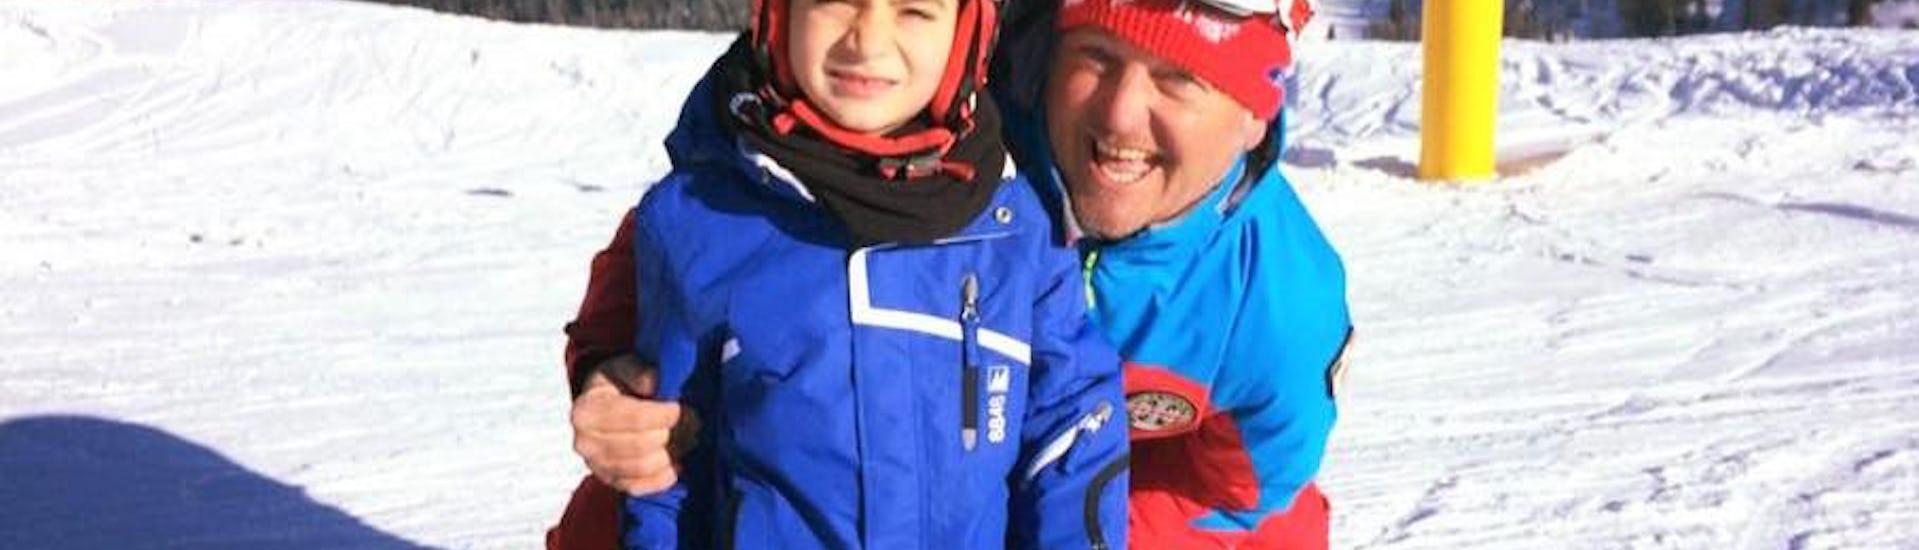 Ein Kind lächelt während dem von der Skischule Scuola di Sci Val Rendena organisierten Kinder Skikurs (3-5 J.) - Anfänger auf den Pisten von Pinzolo gemeinsam mit seinem Skilehrer in die Kamera.